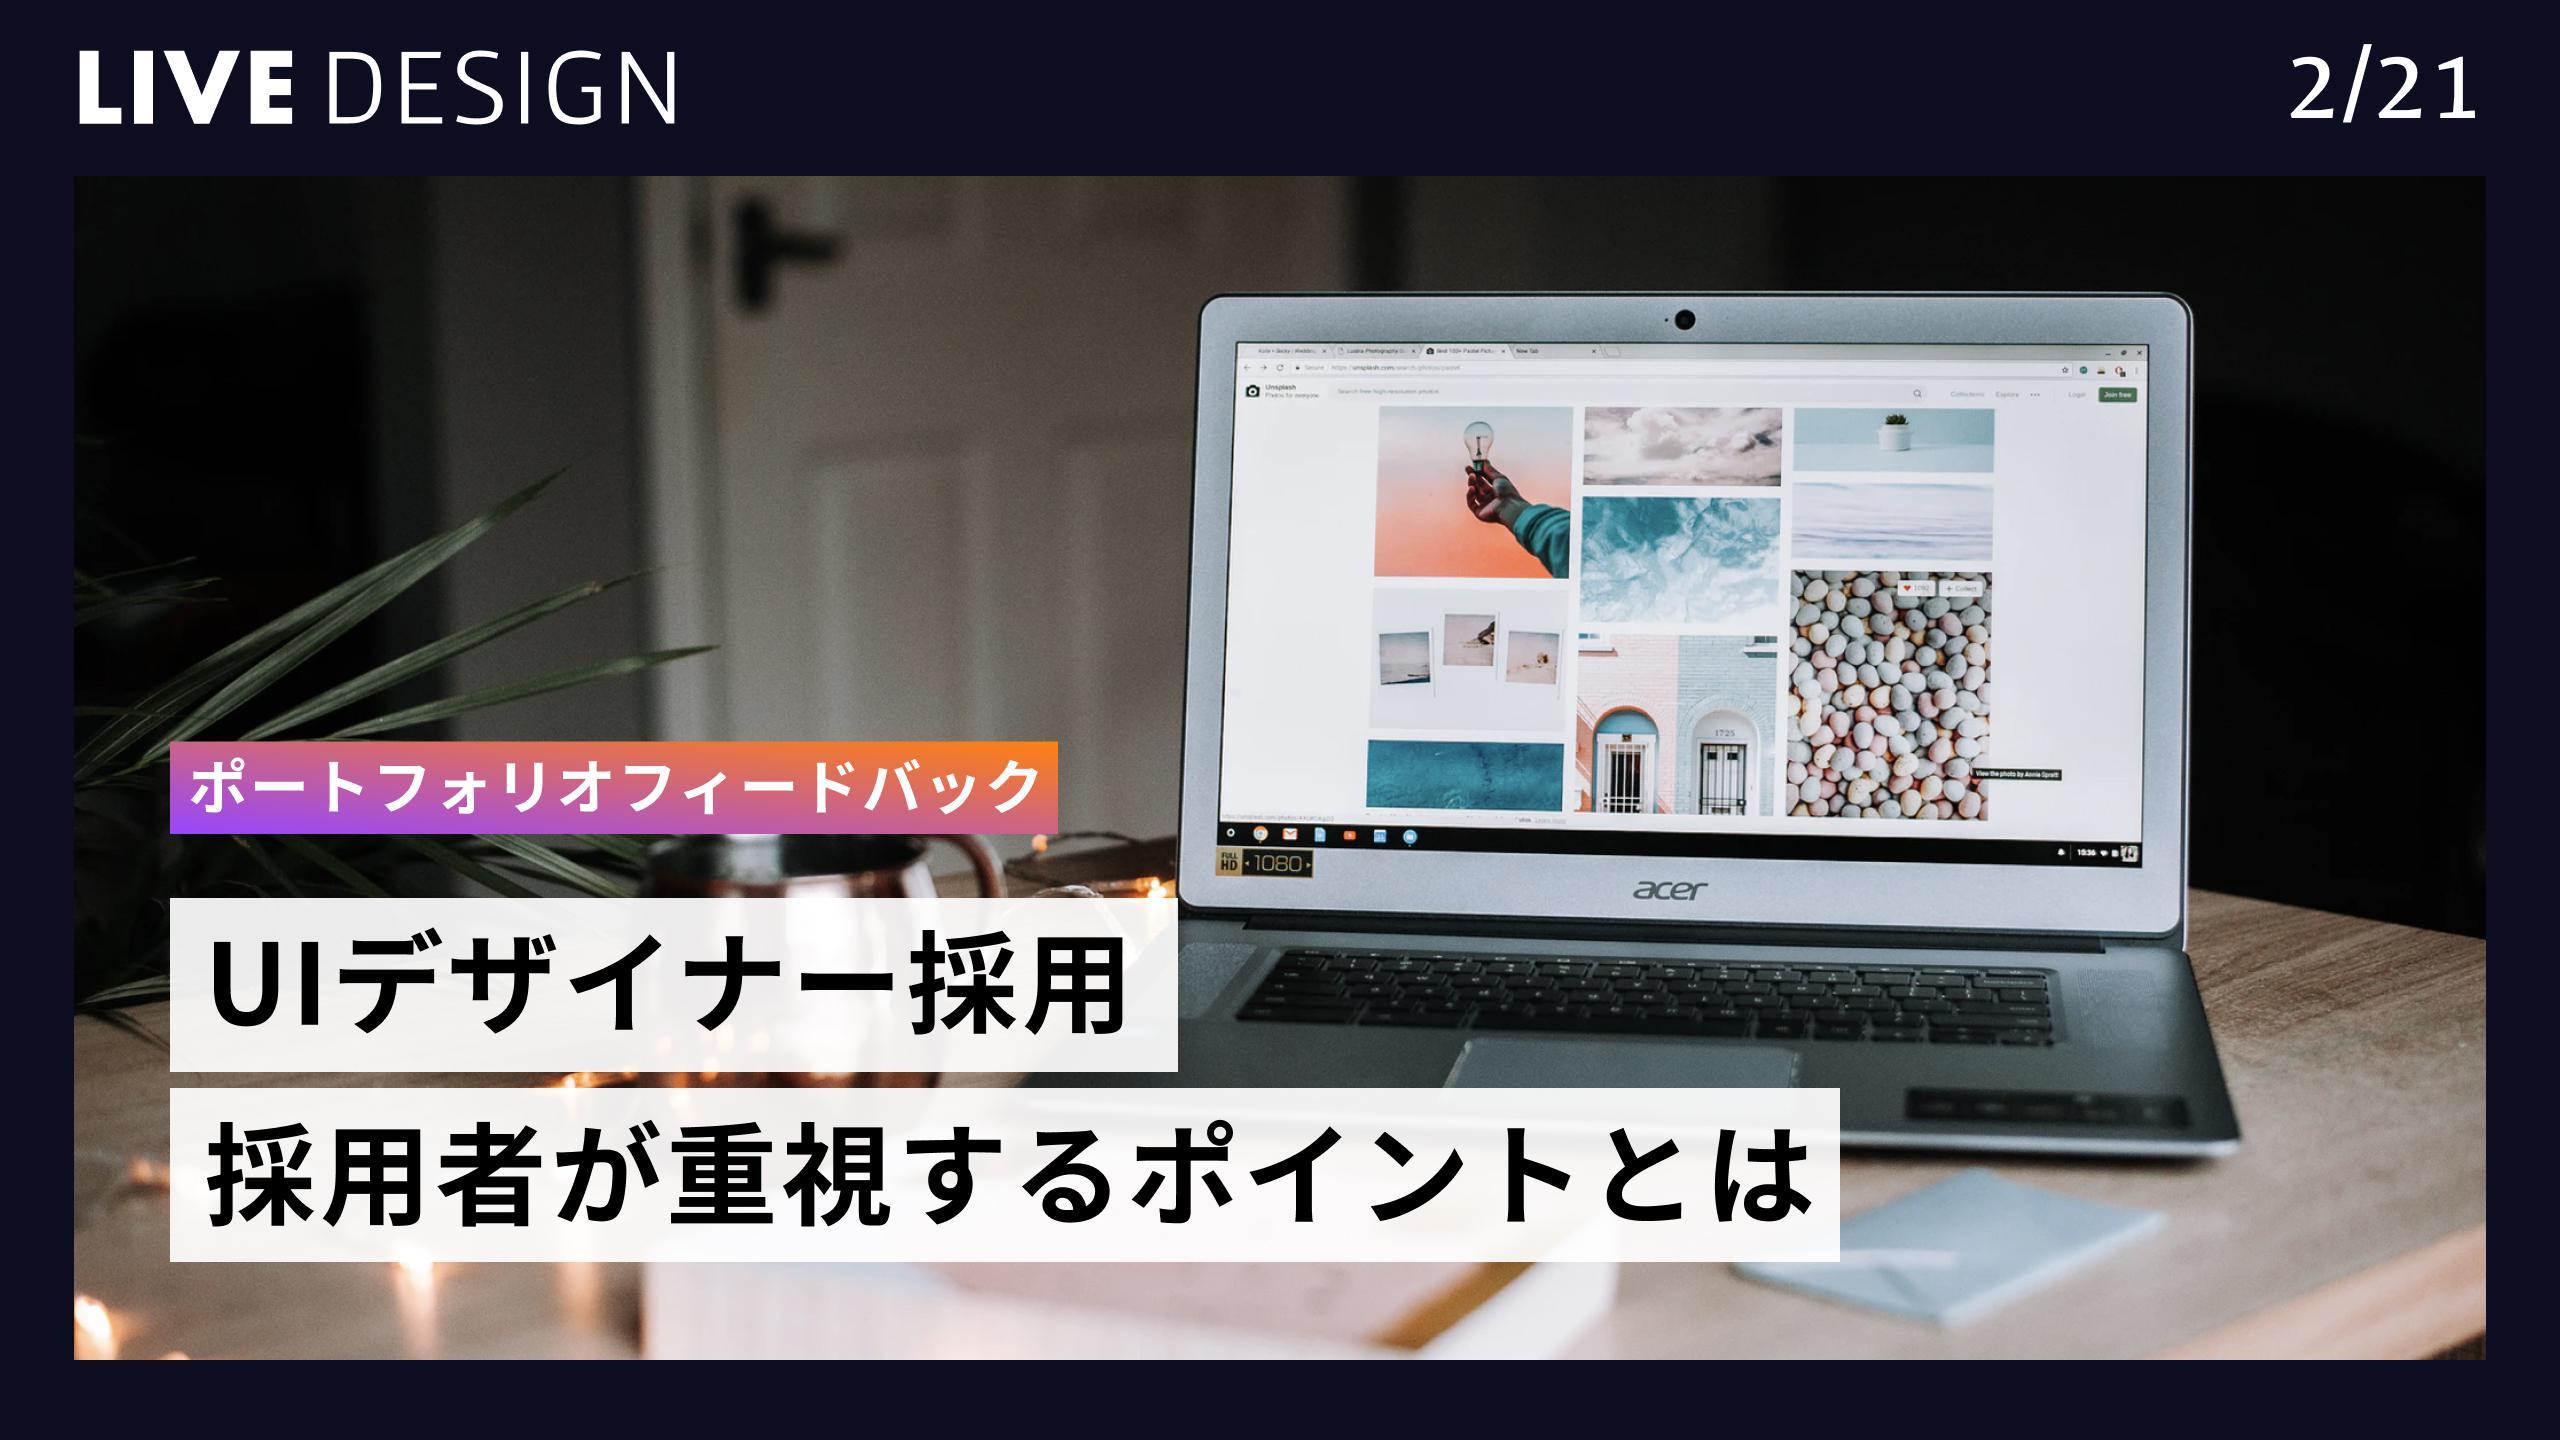 【ライブデザイン】【ポートフォリオ】MIYACO なぜUIデザイナーの採用にはデザインフローを解説したコンテンツが必要なのか